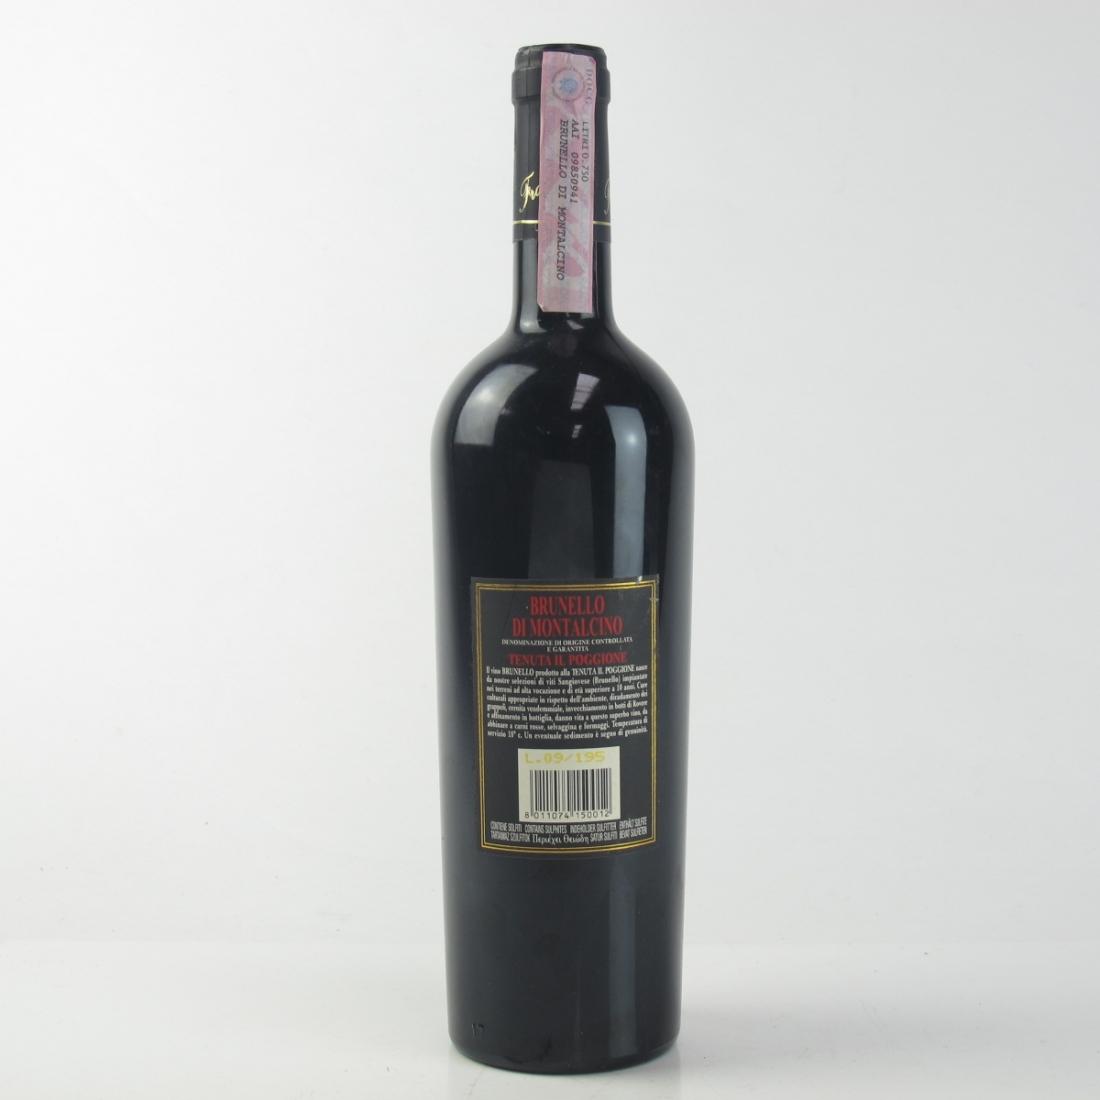 Franceschi 2004 Brunello di Montalcino